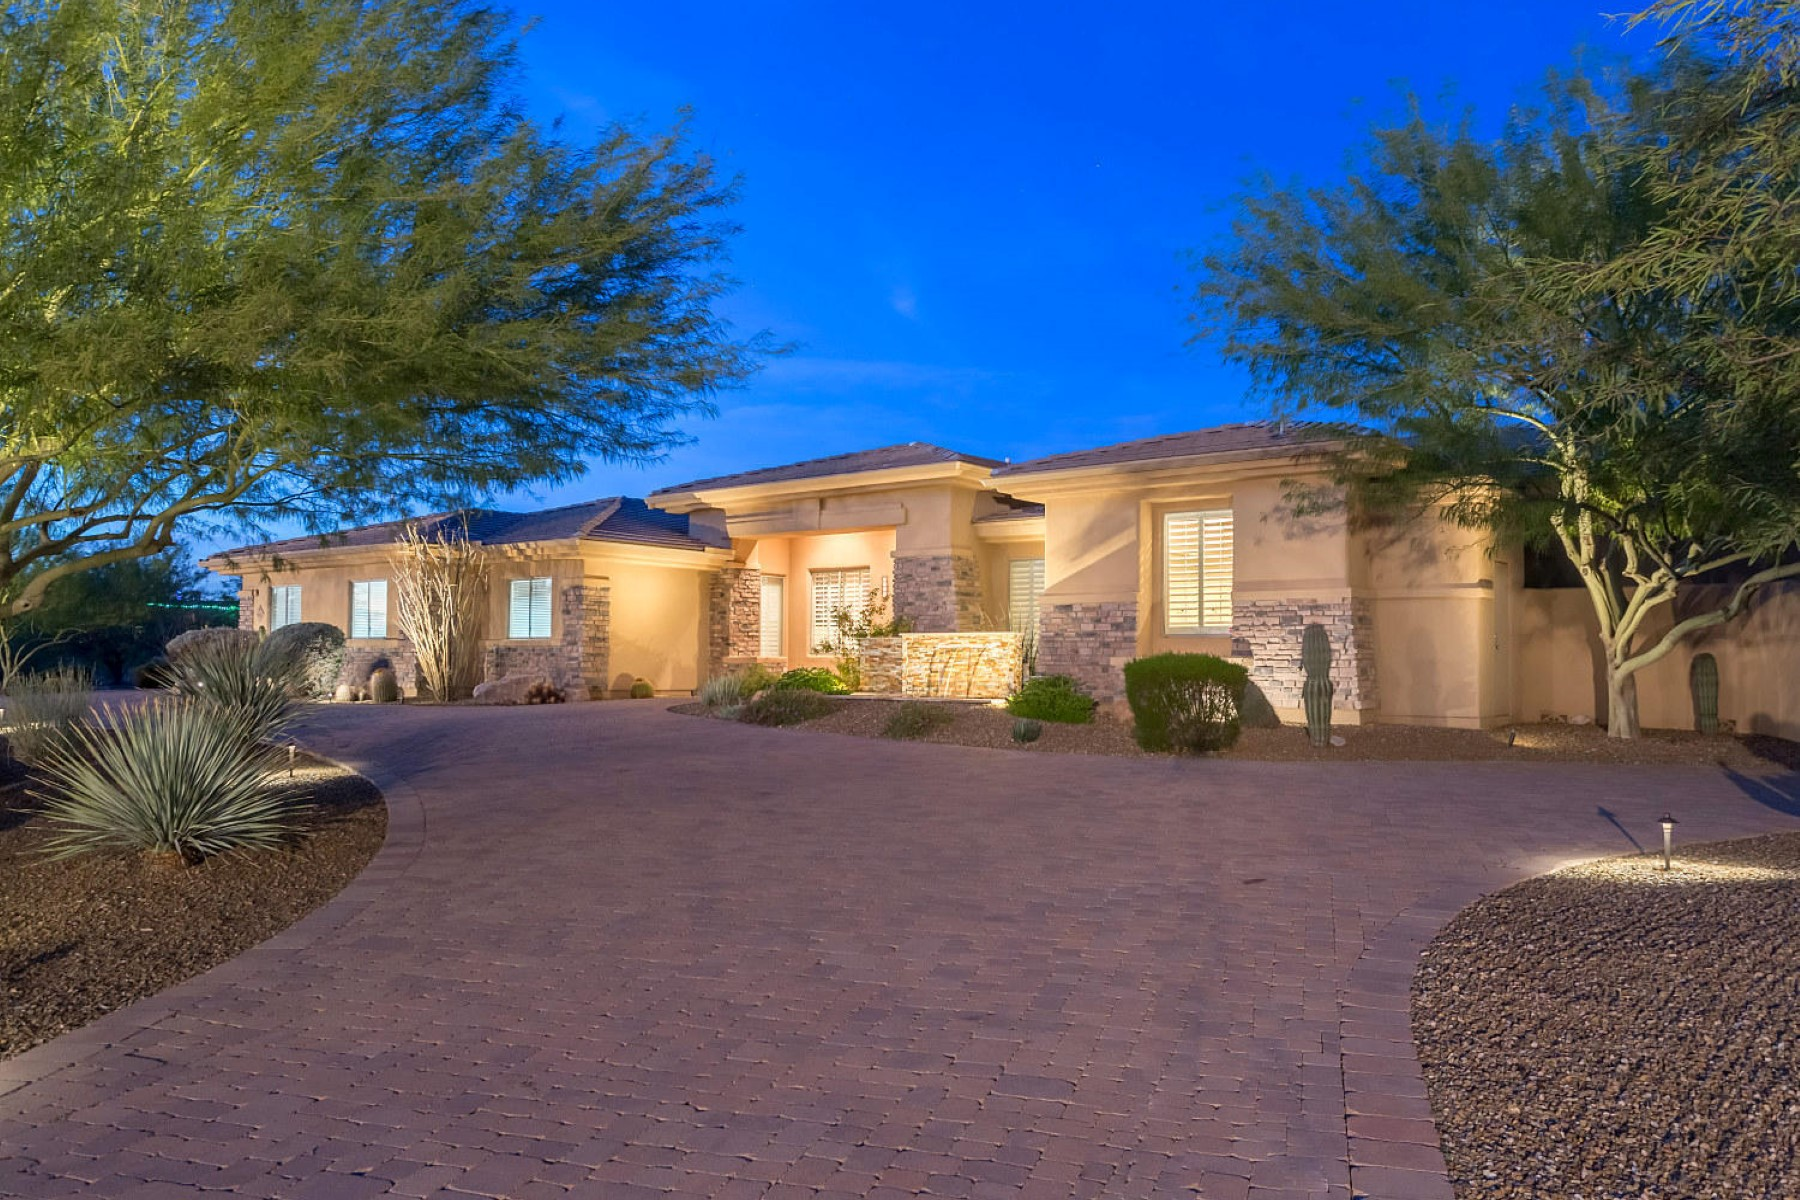 단독 가정 주택 용 매매 에 Pristine estate on over 1.5 acres with sweeping mountain views 9002 E Rimrock Dr Scottsdale, 아리조나, 85255 미국